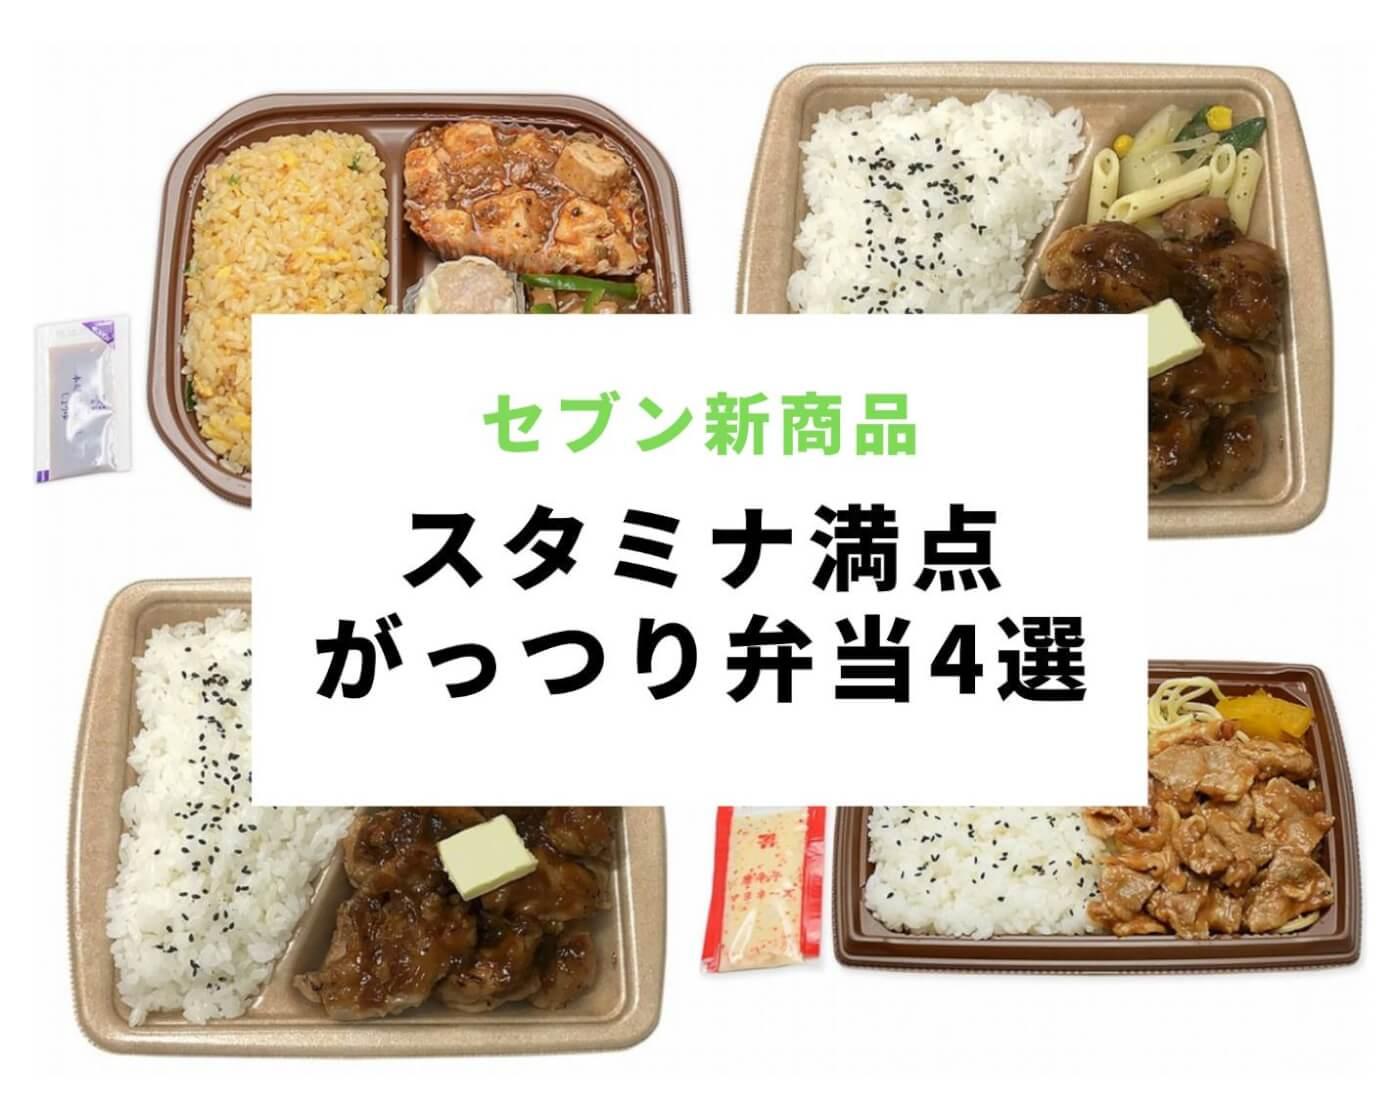 【セブン-イレブン新商品】今週発売!スタミナ満点ガッツリ弁当4選